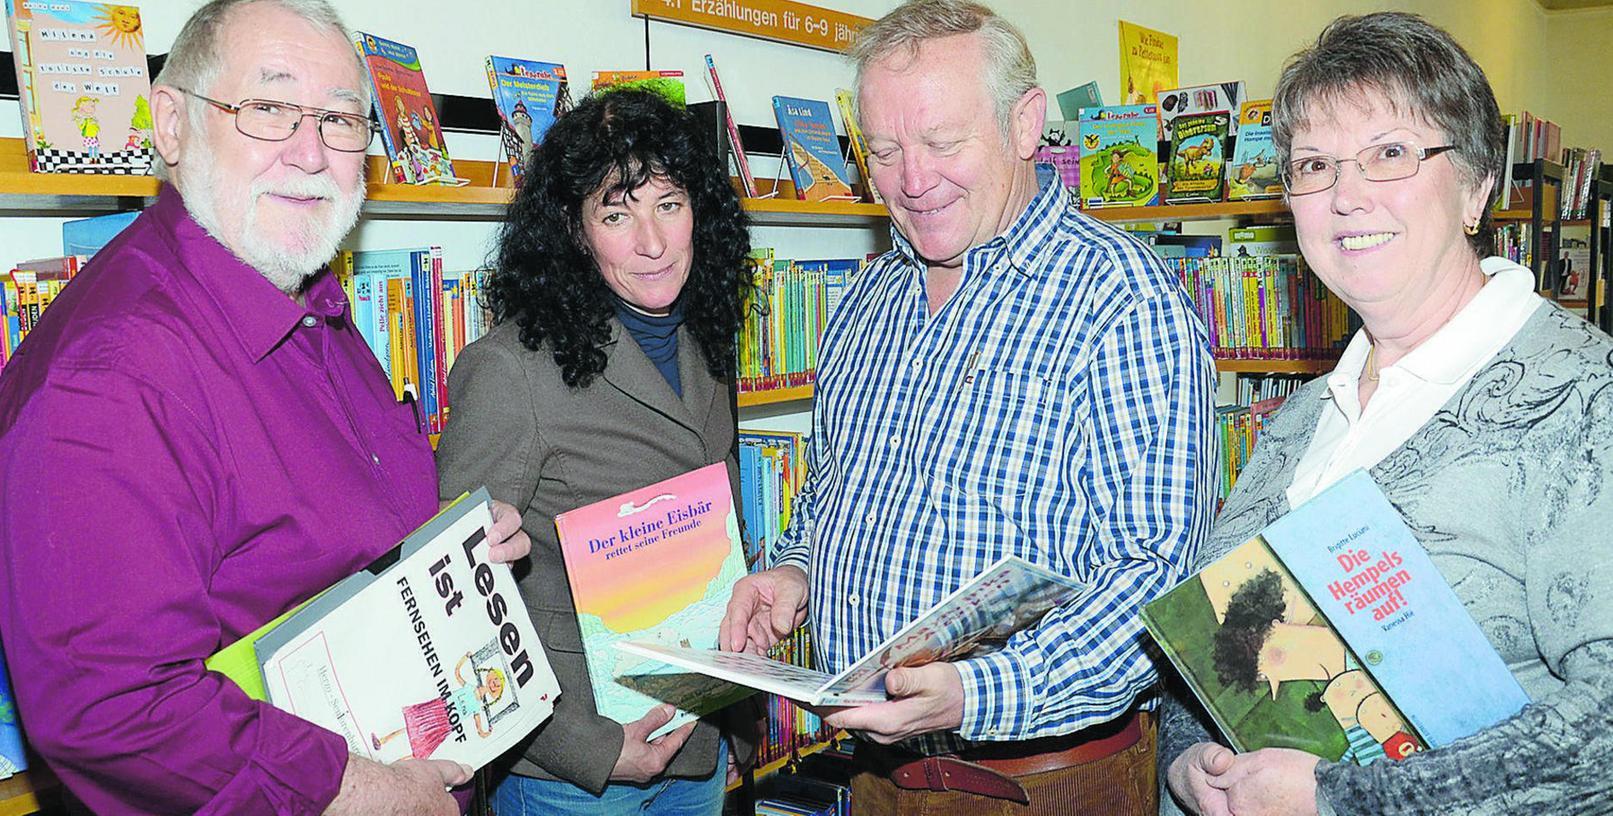 Robert Weigl (v. l. ), die Leiterin der Stadtbibliothek Gabriele Lechner, Herbert Goldmann und Gerlinde Martini sind dabei beim Neuversuch des Seniorenbeirats, Lesepaten für Kinder zu finden.